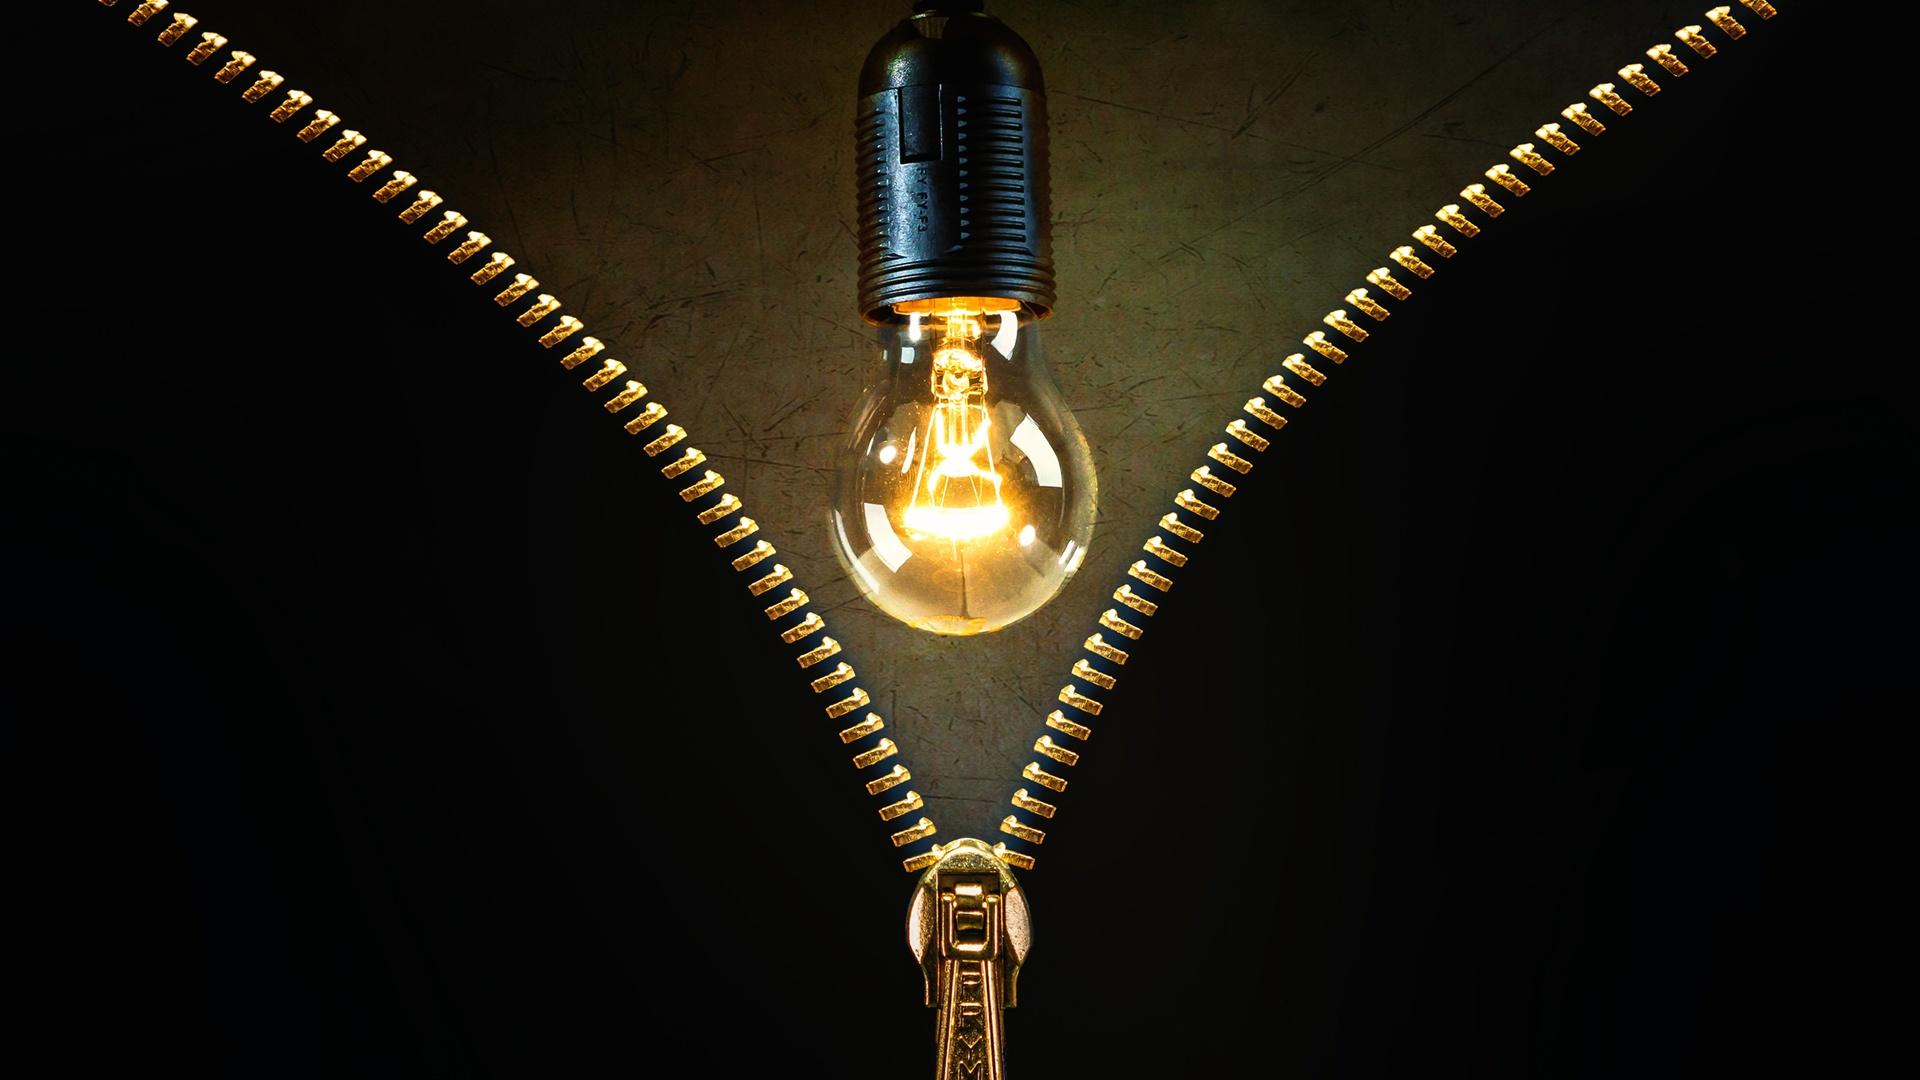 Light bulb, zipper, creative 750x1334